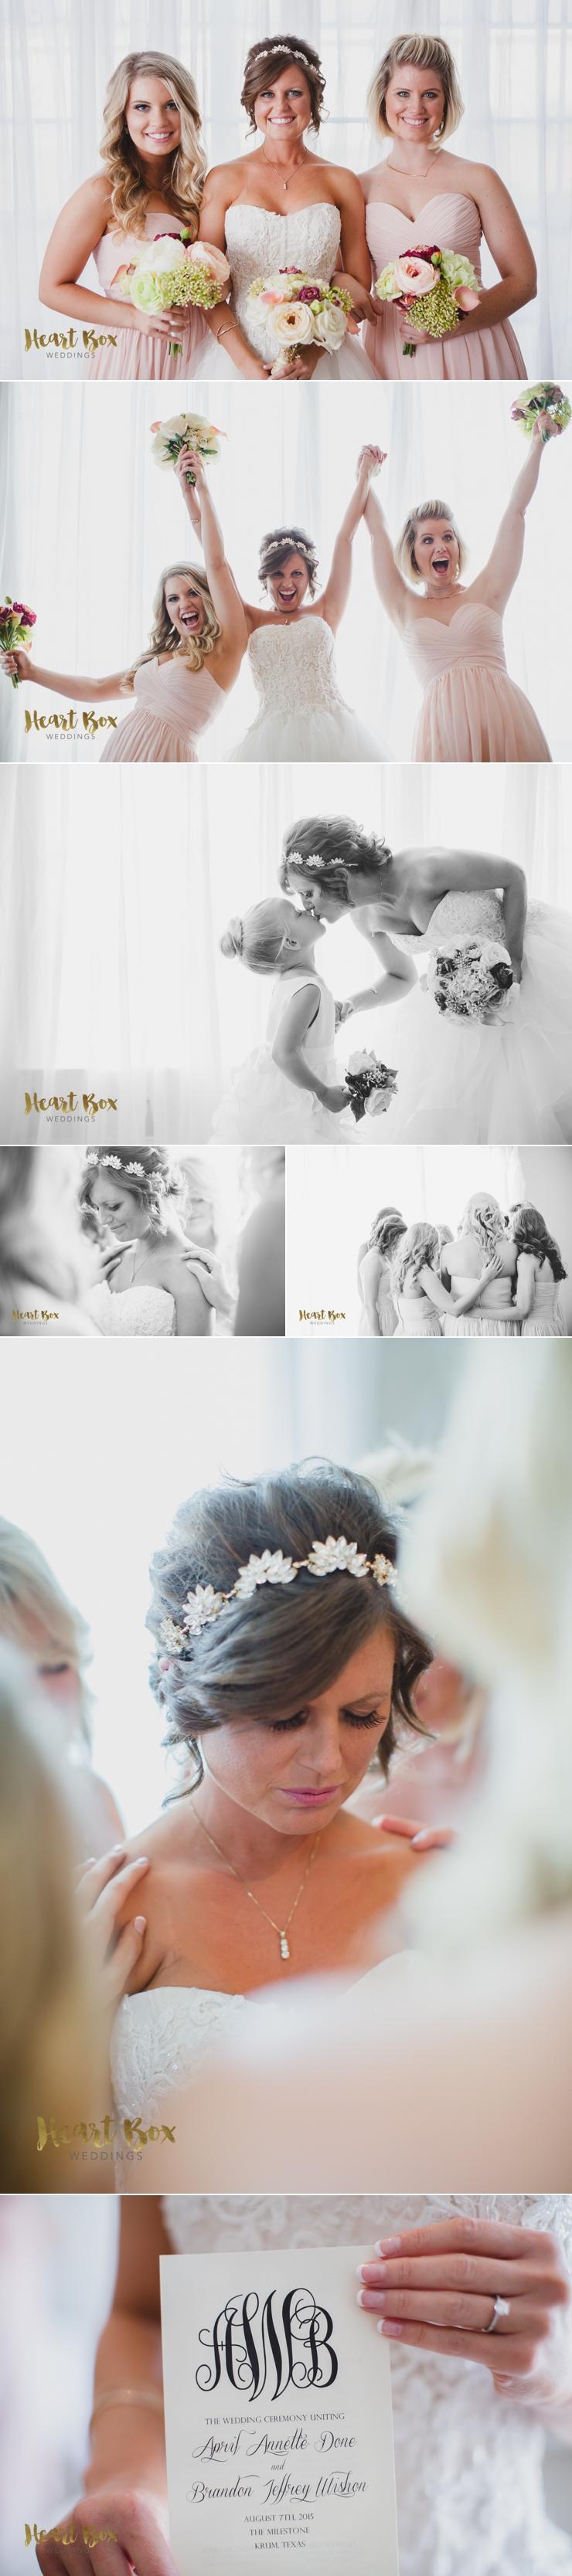 Wishon Wedding Blog Collages 9.jpg